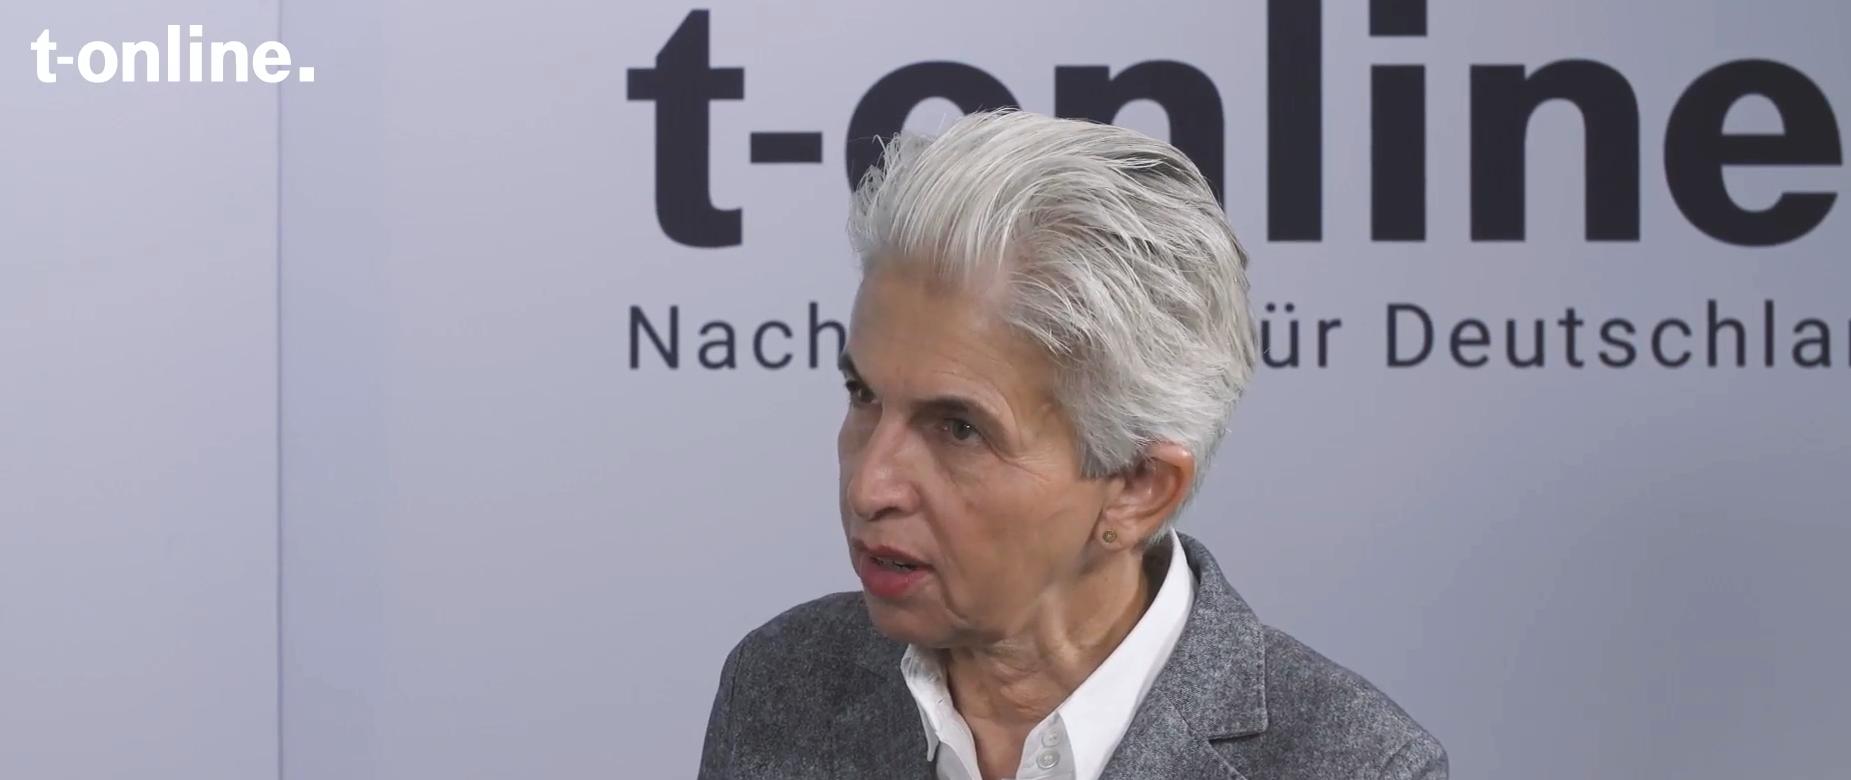 strack-zimmermann (FDP-Vorstandsmitglied Strack-Zimmermann in einem interessanten Interview)